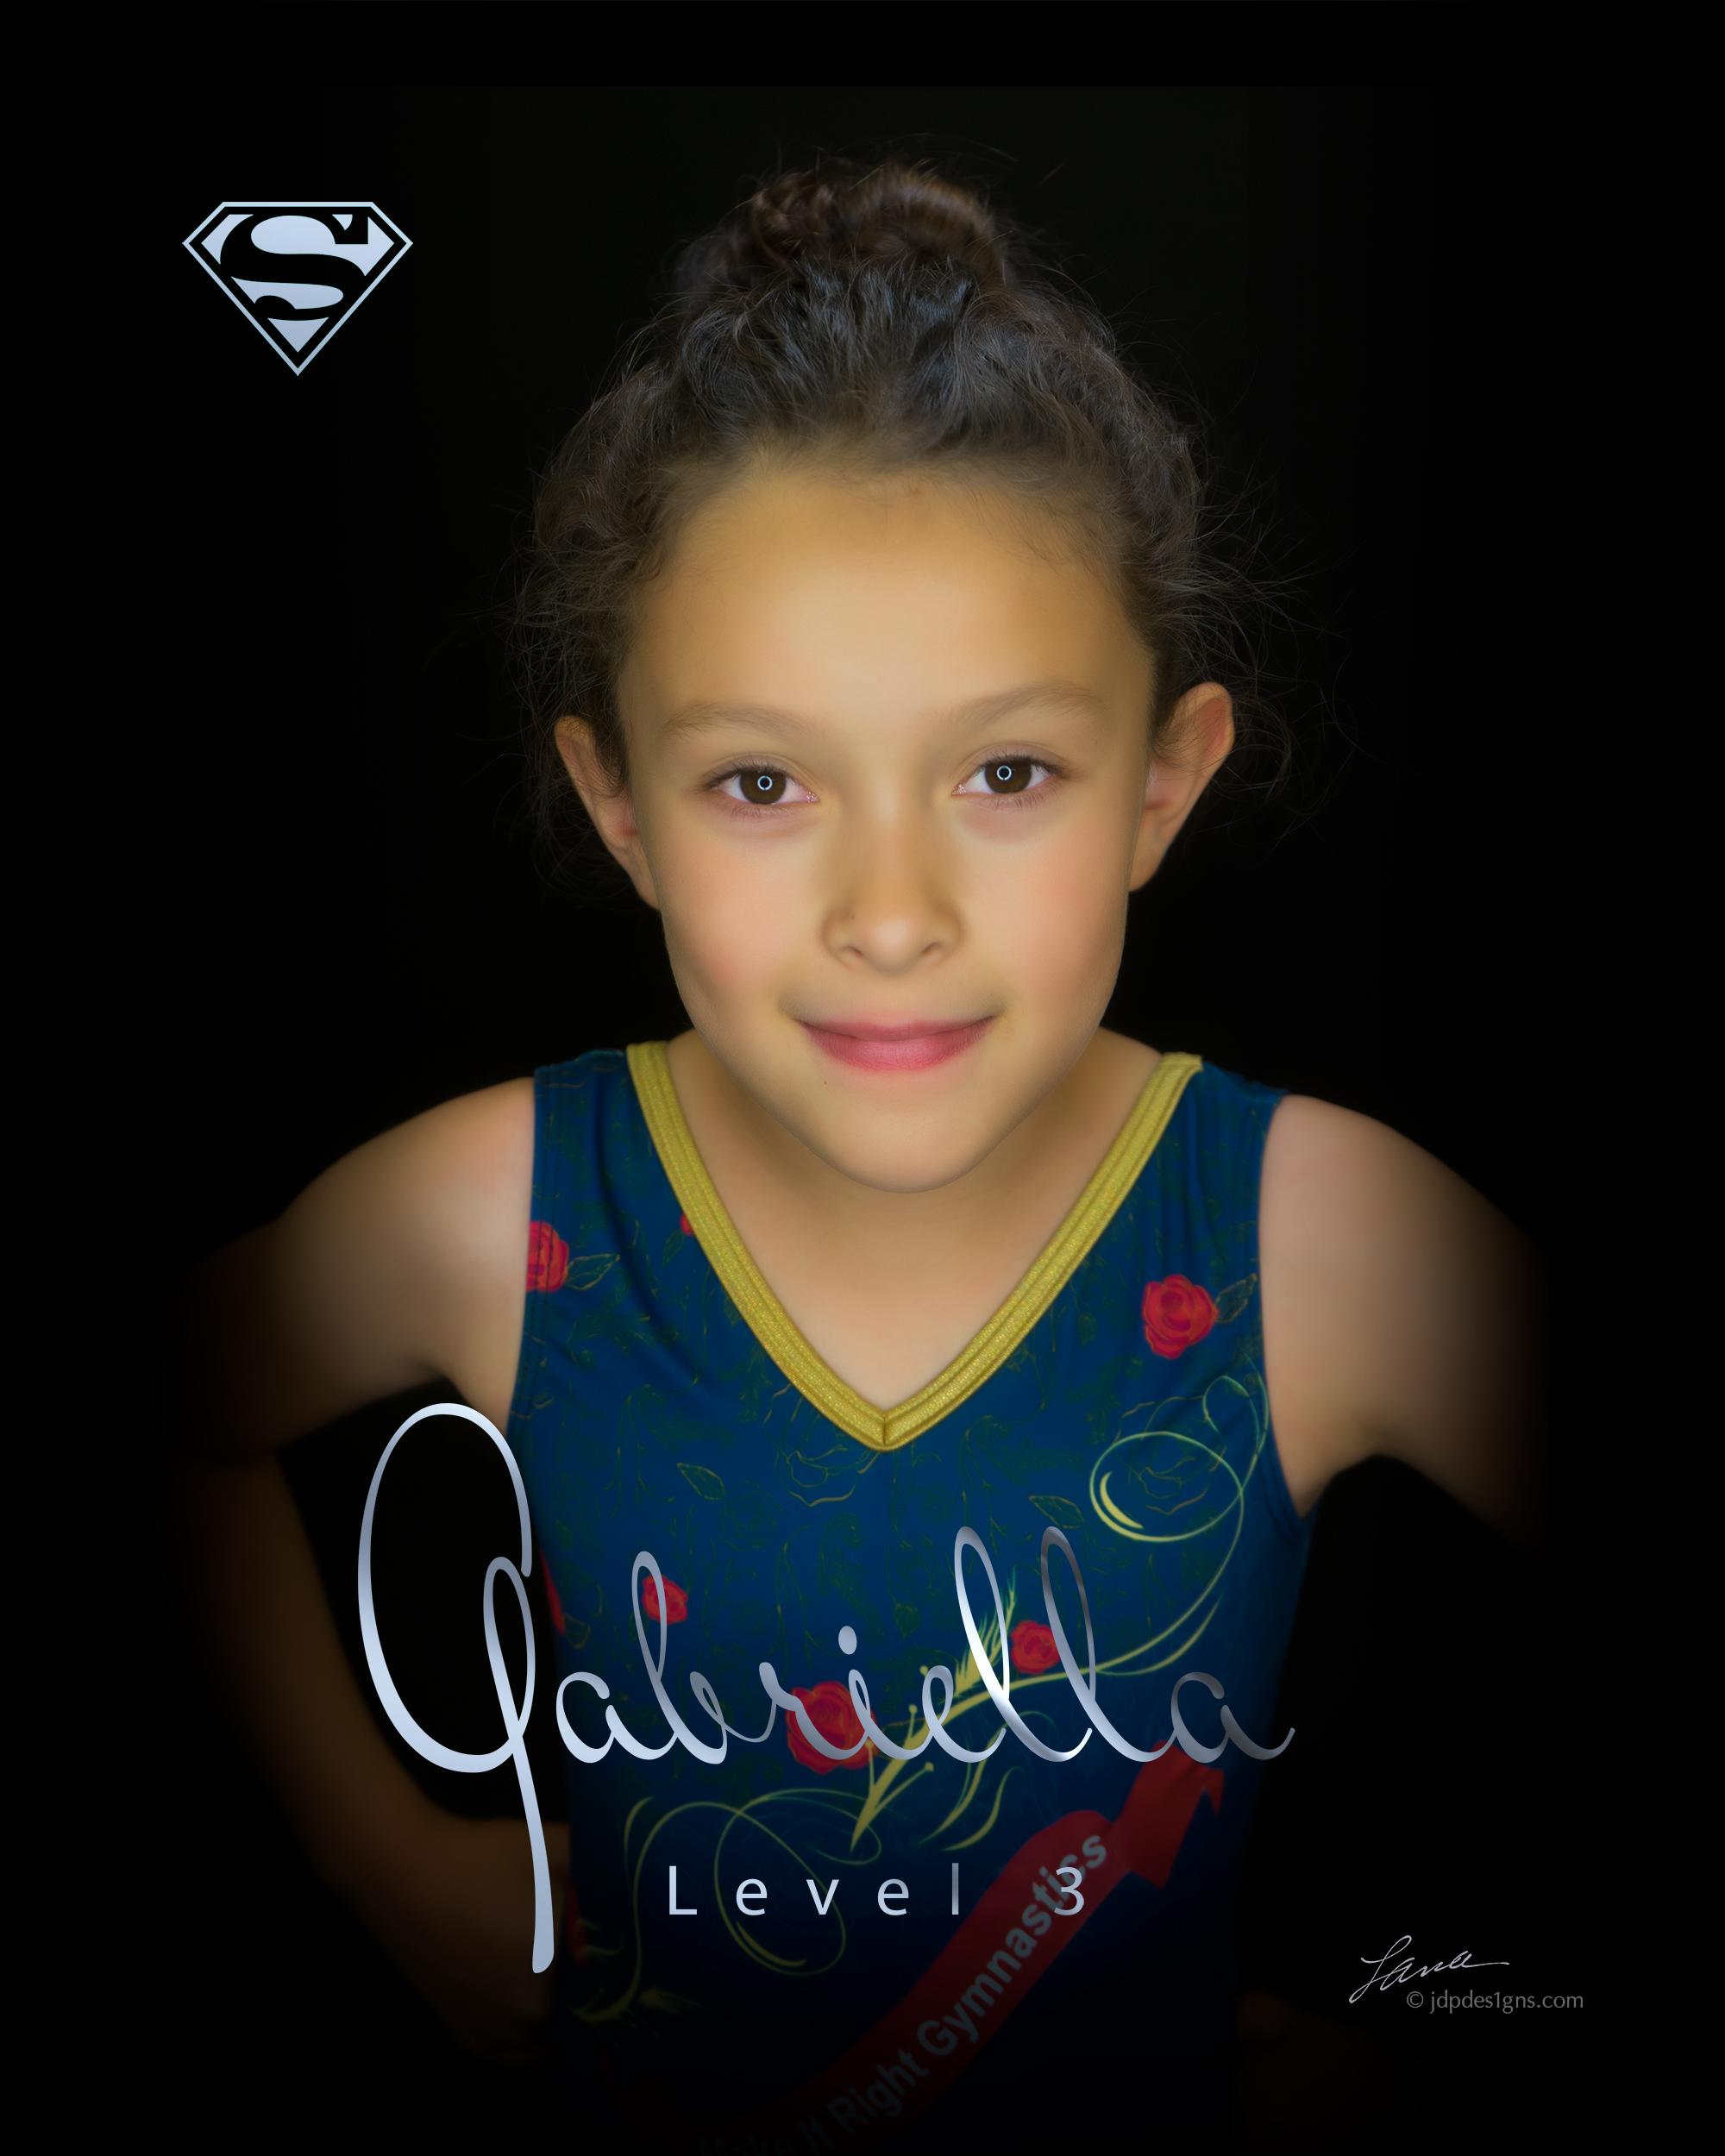 Gabriella CU.jpg